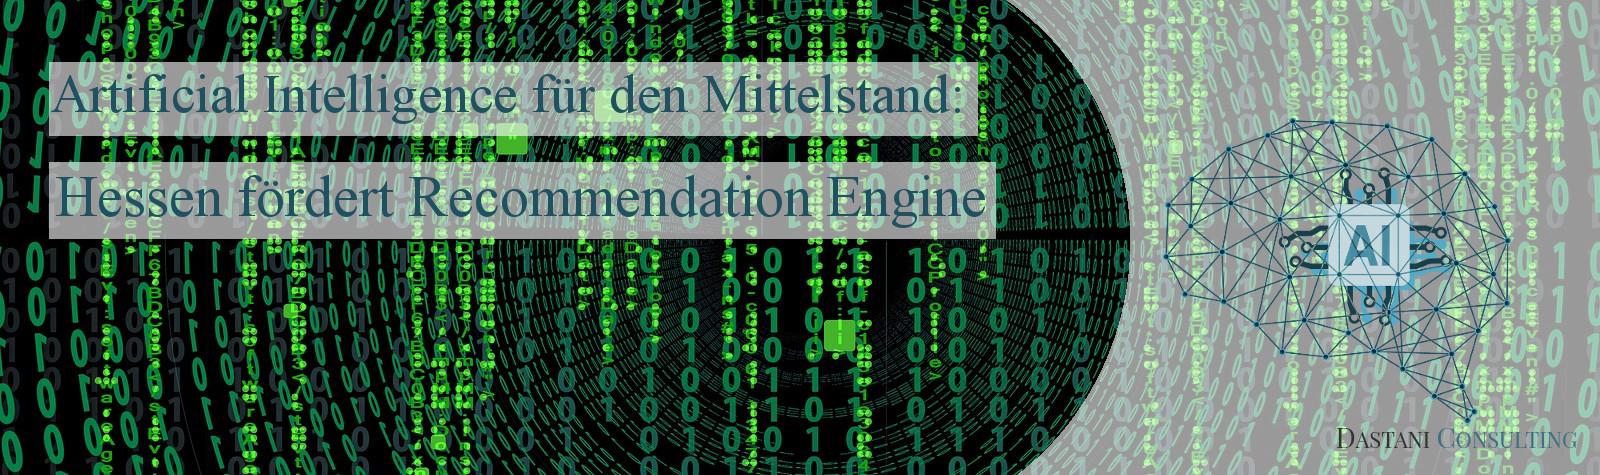 Recommendation Engine | Künstliche Intelligenz